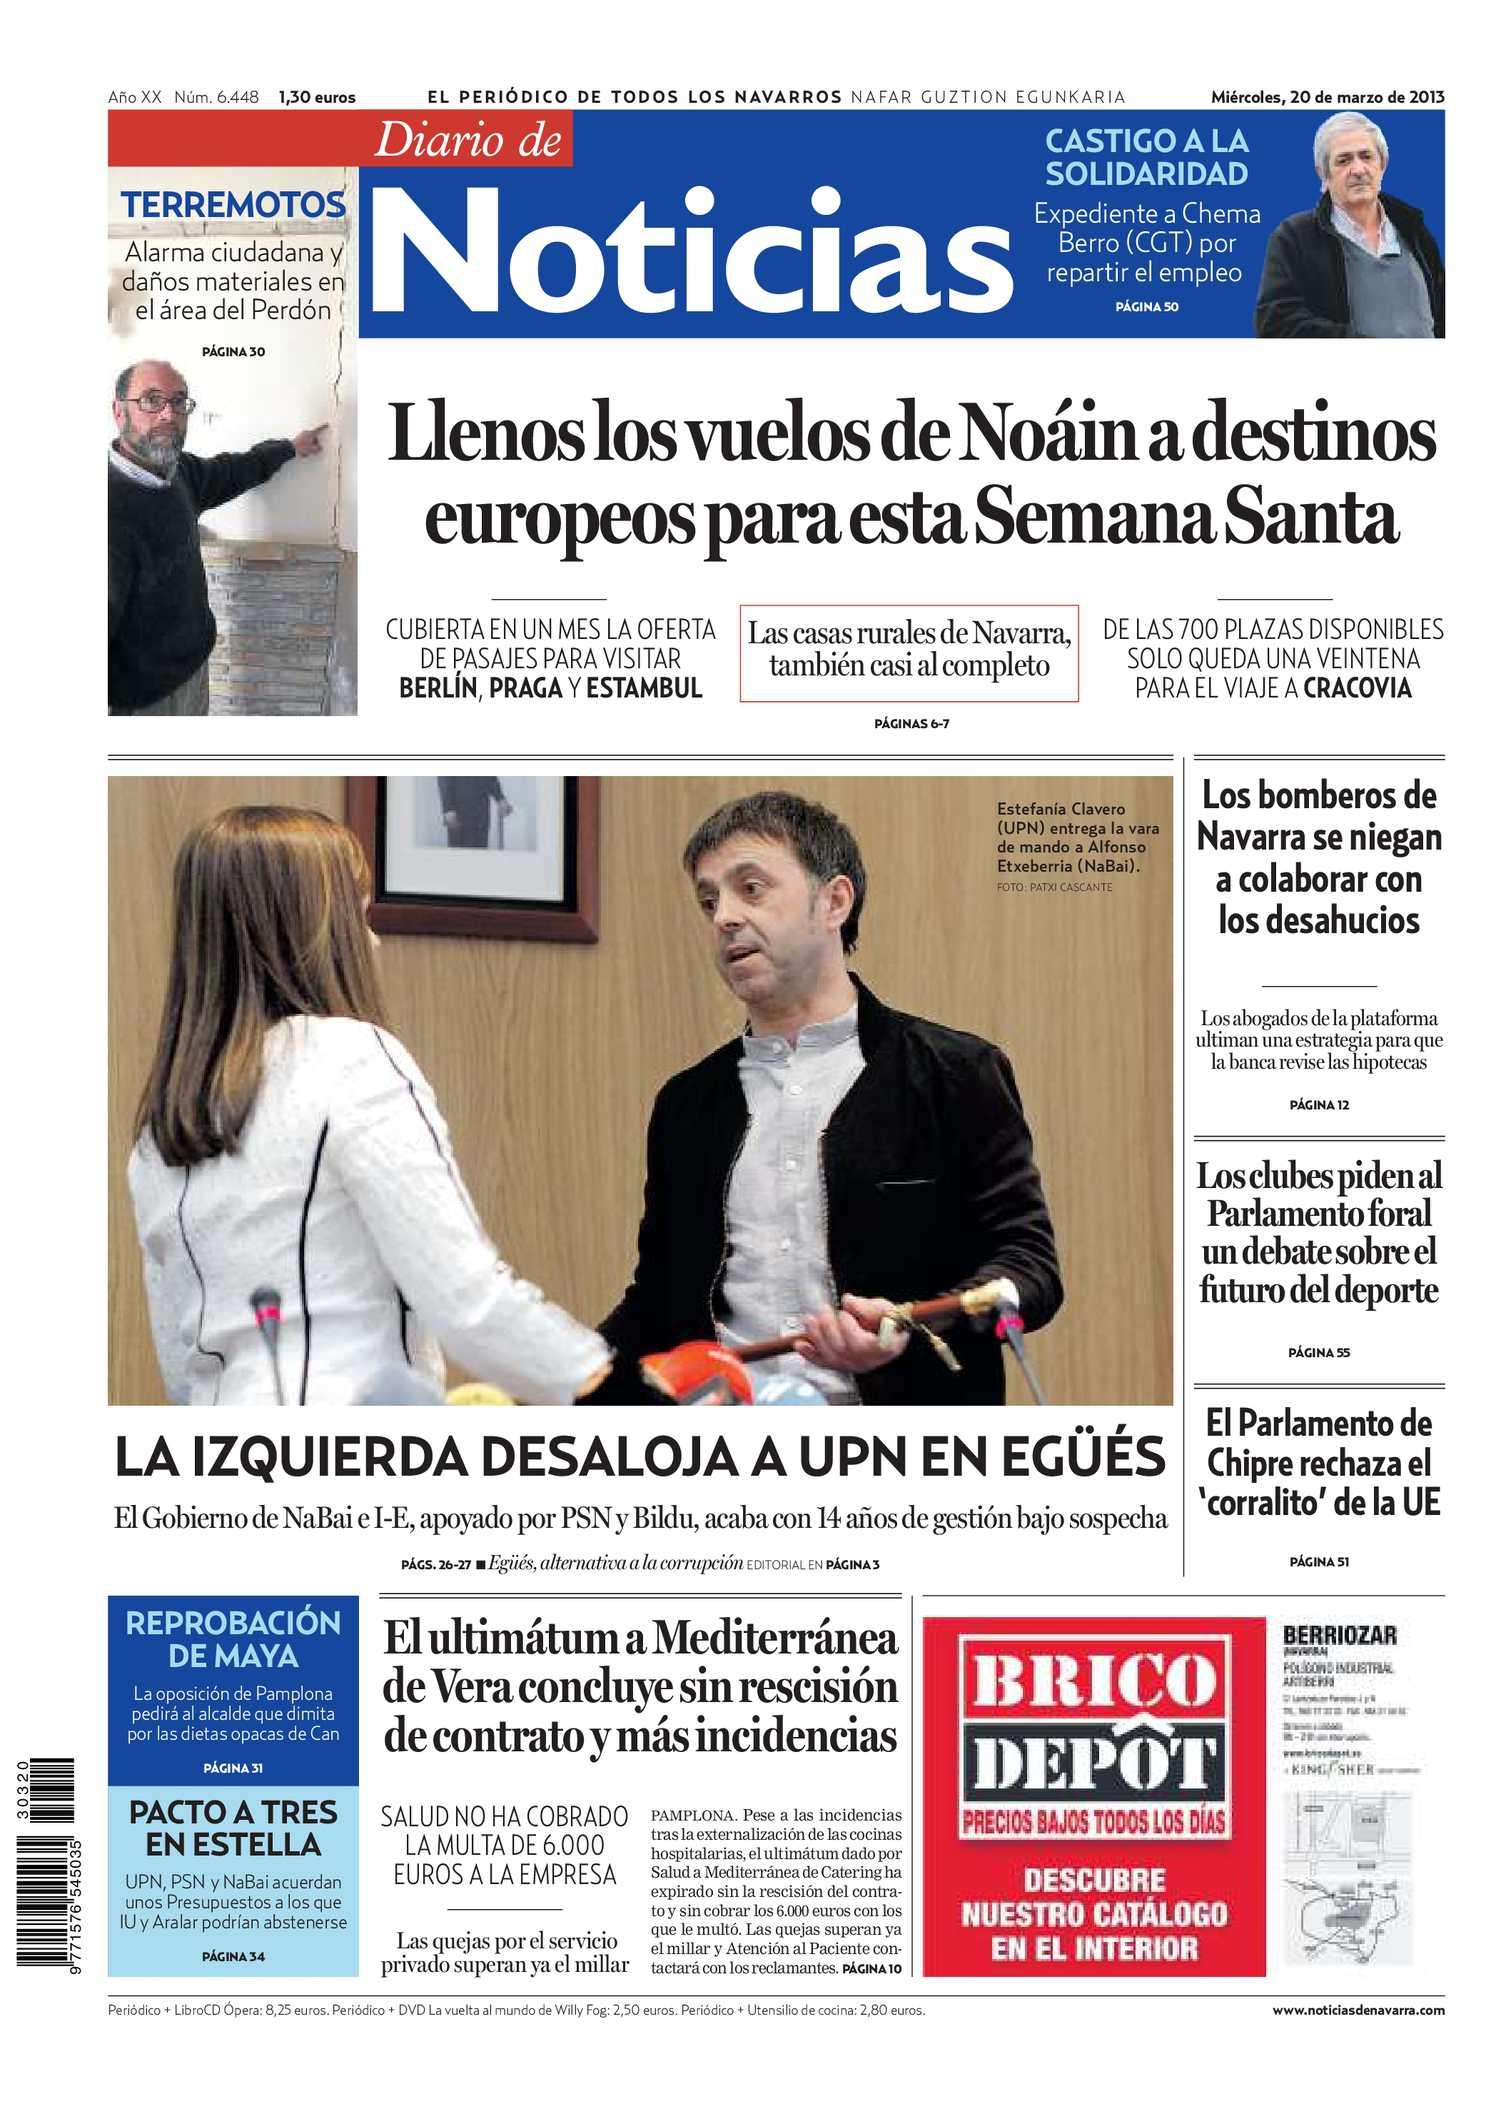 Calaméo - Diario de Noticias 20130320 094ebd061b1b1